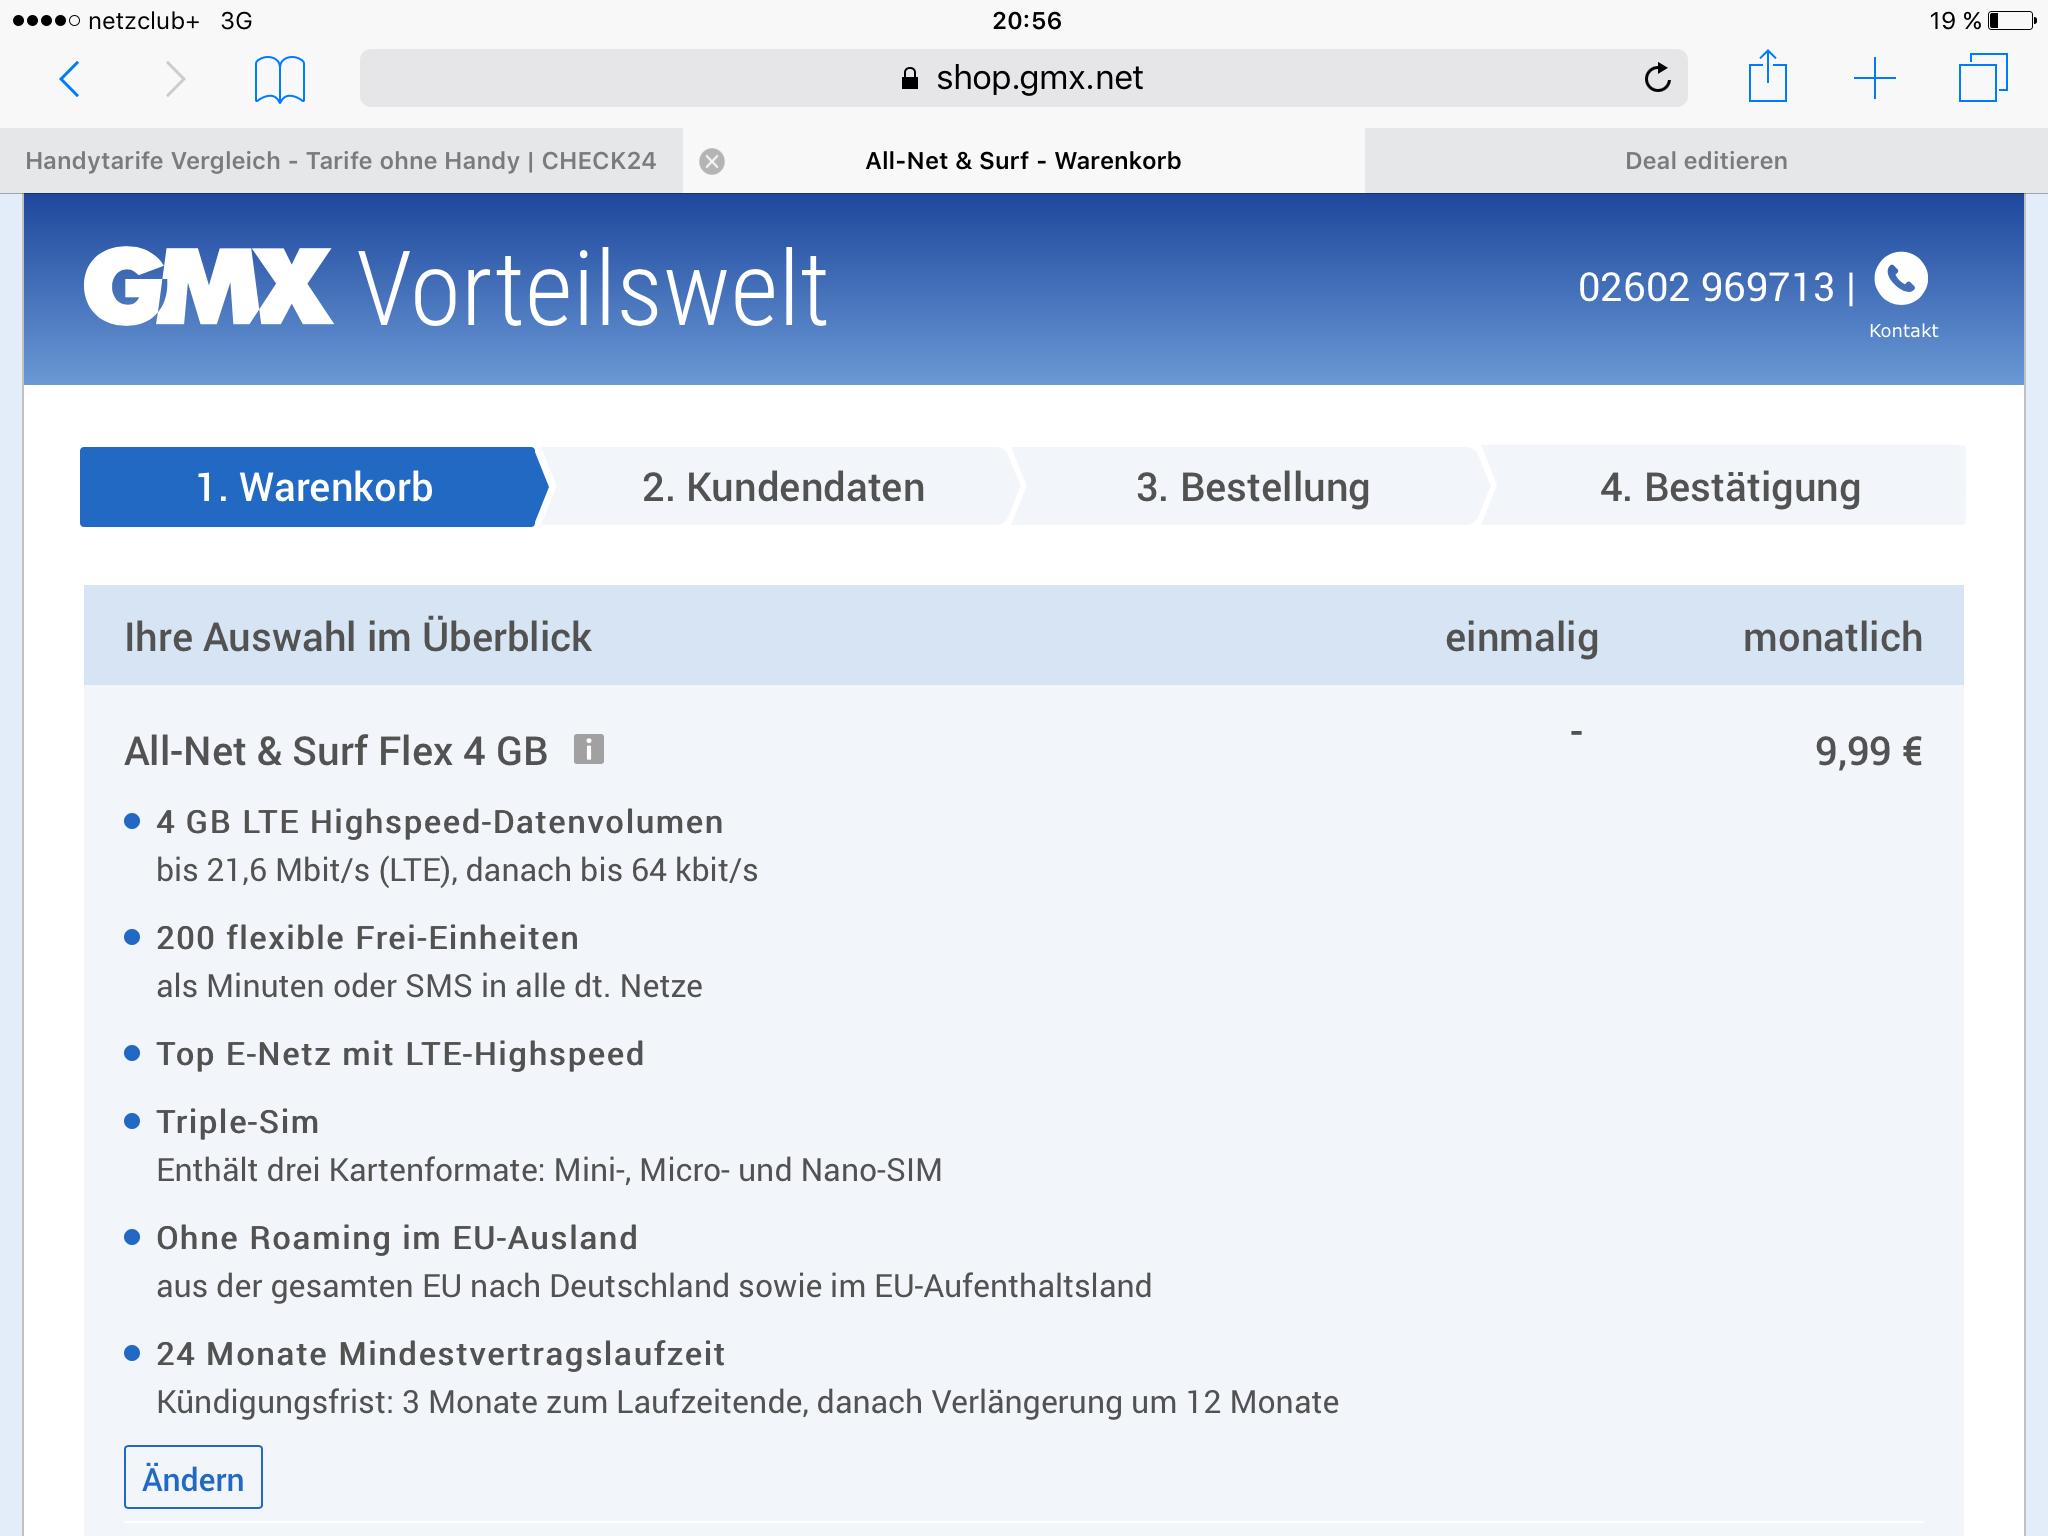 (Nur SIM) All-Net & Surf Flex 4 GB Vertrag für mtl. 9,99€